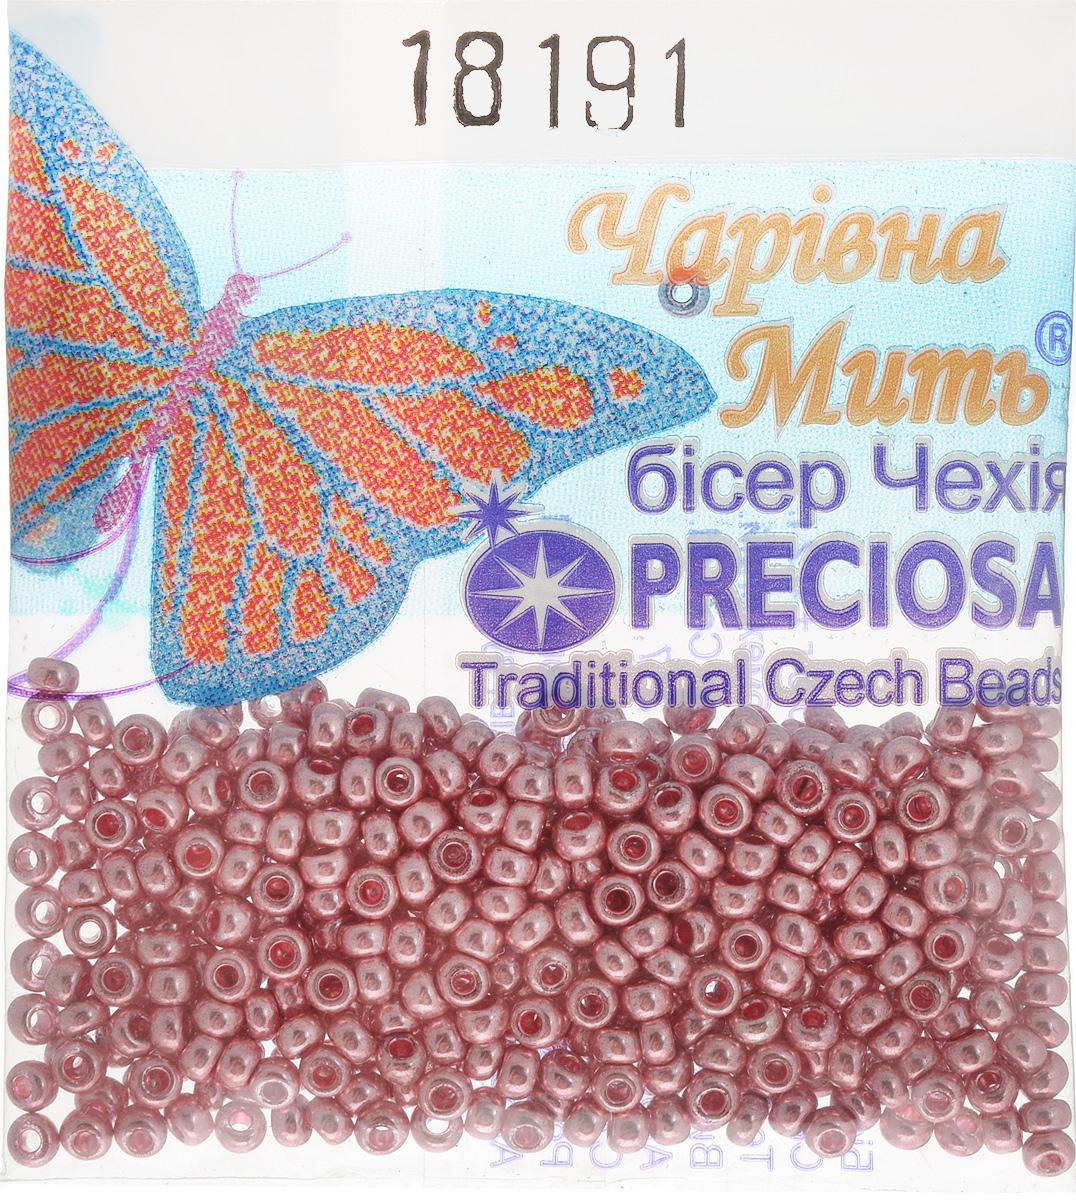 Бисер Preciosa, непрозрачный, глянцевый, цвет: серо-розовый (18191), 10/0, 5 г бисер preciosa непрозрачный глянцевый цвет салатовый 53230 10 0 5 г